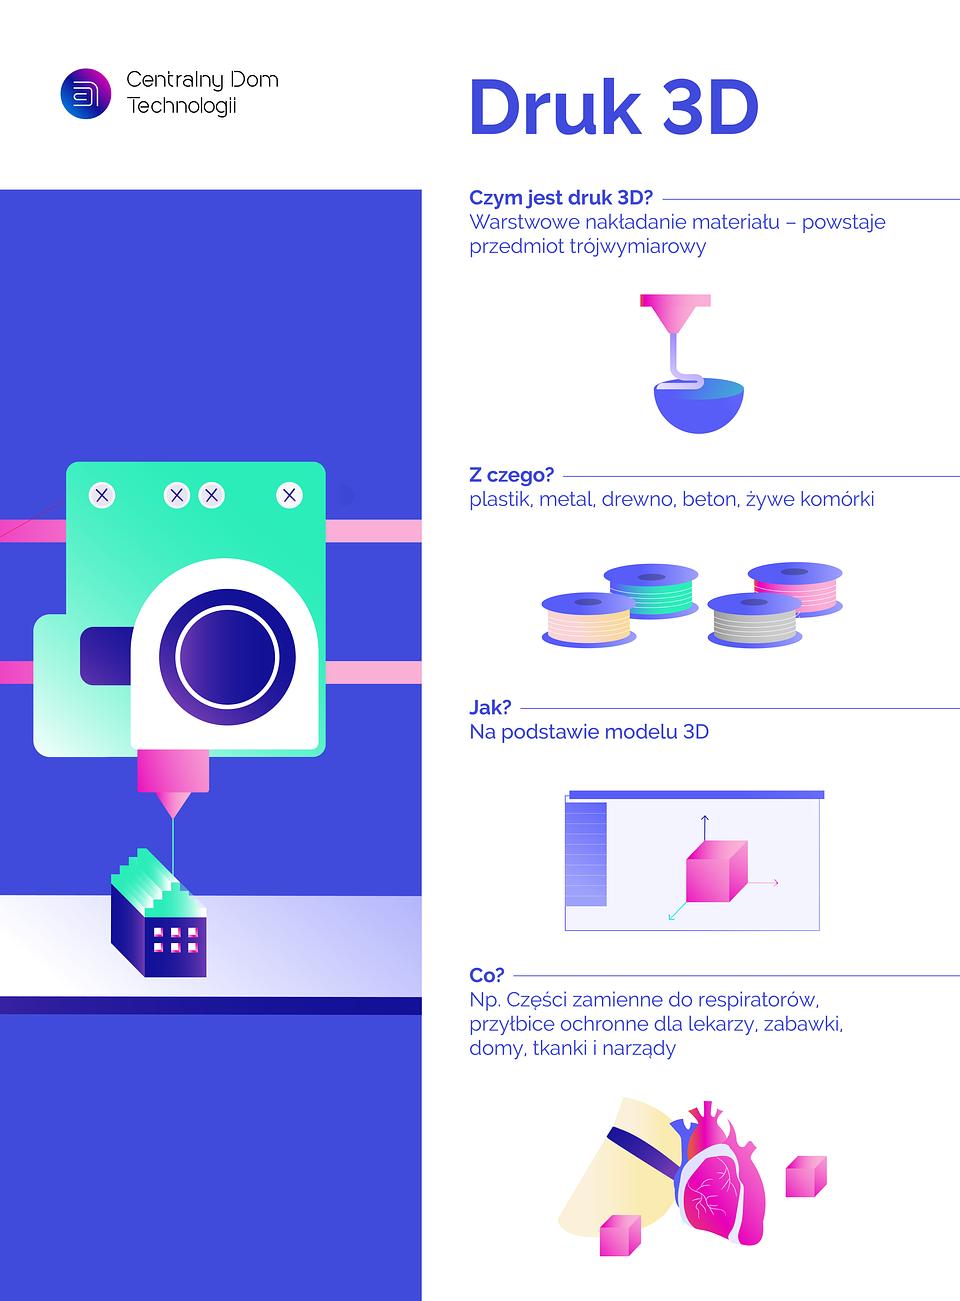 infografika_druk 3D_druk 3D_infografika.png